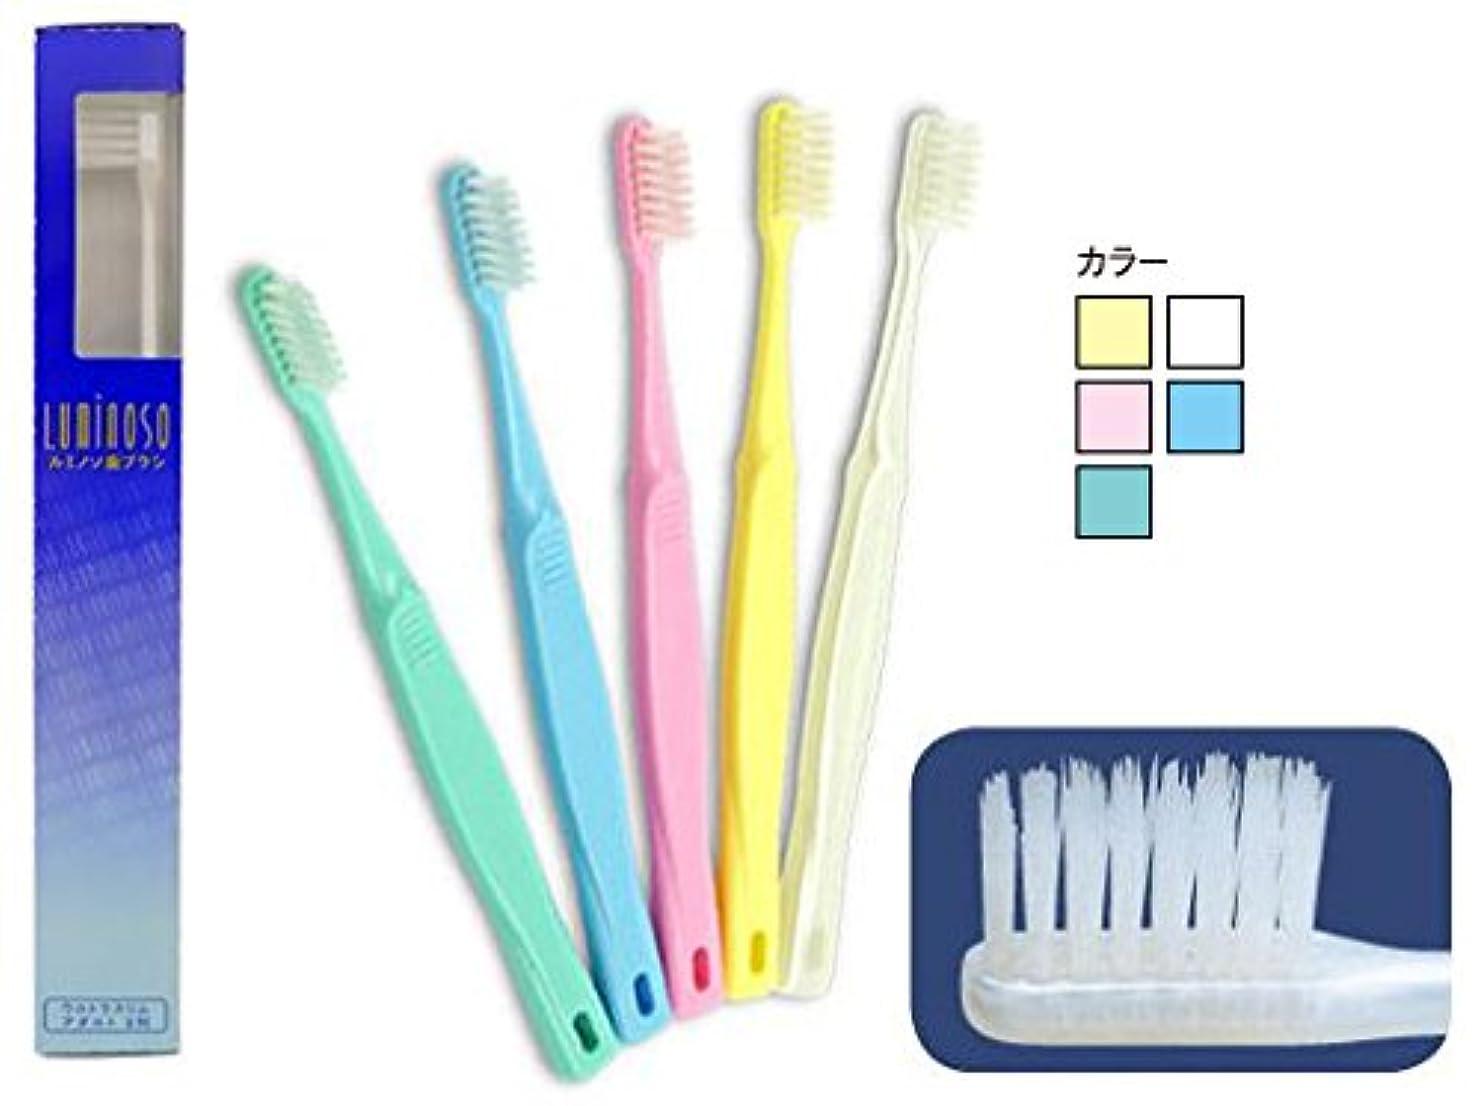 ミット公平な感嘆符ルミノソ 歯ブラシ ウルトラスリム アダルト 3列 10本 (カラー指定不可)